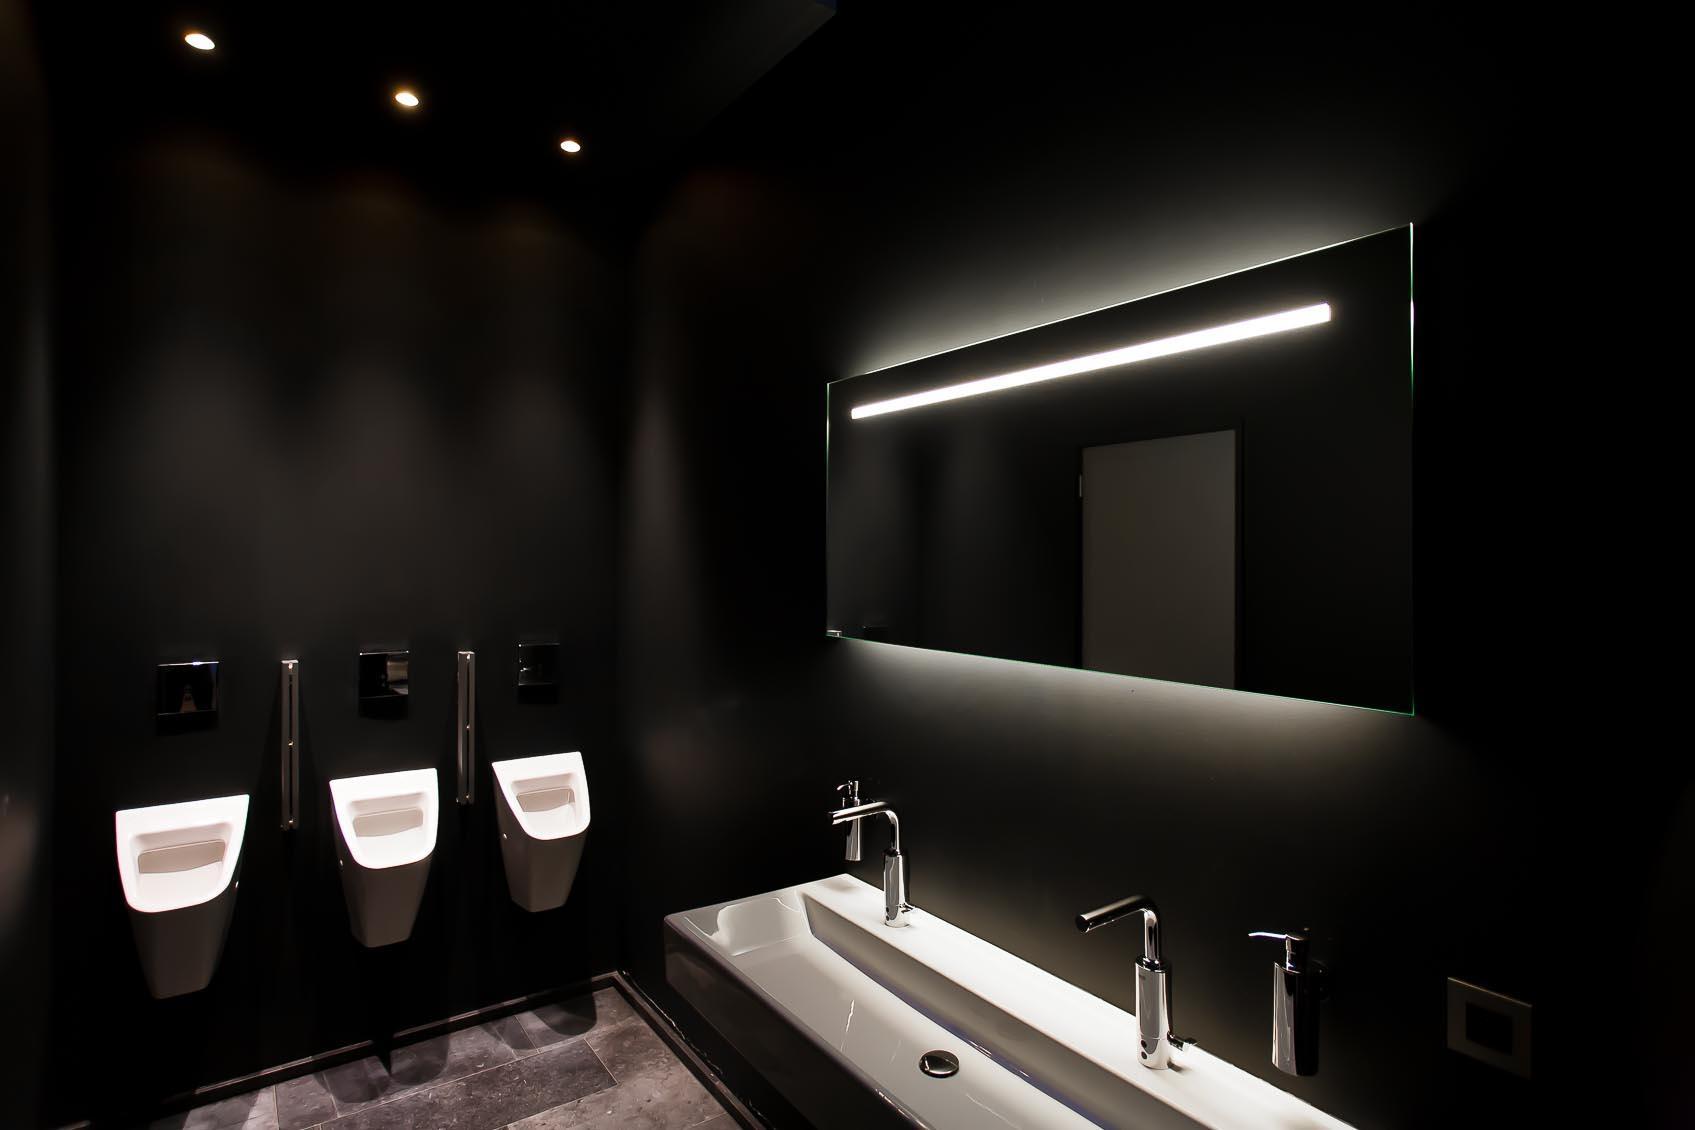 creatief met licht in dit zwart interieur, accent op sanitair